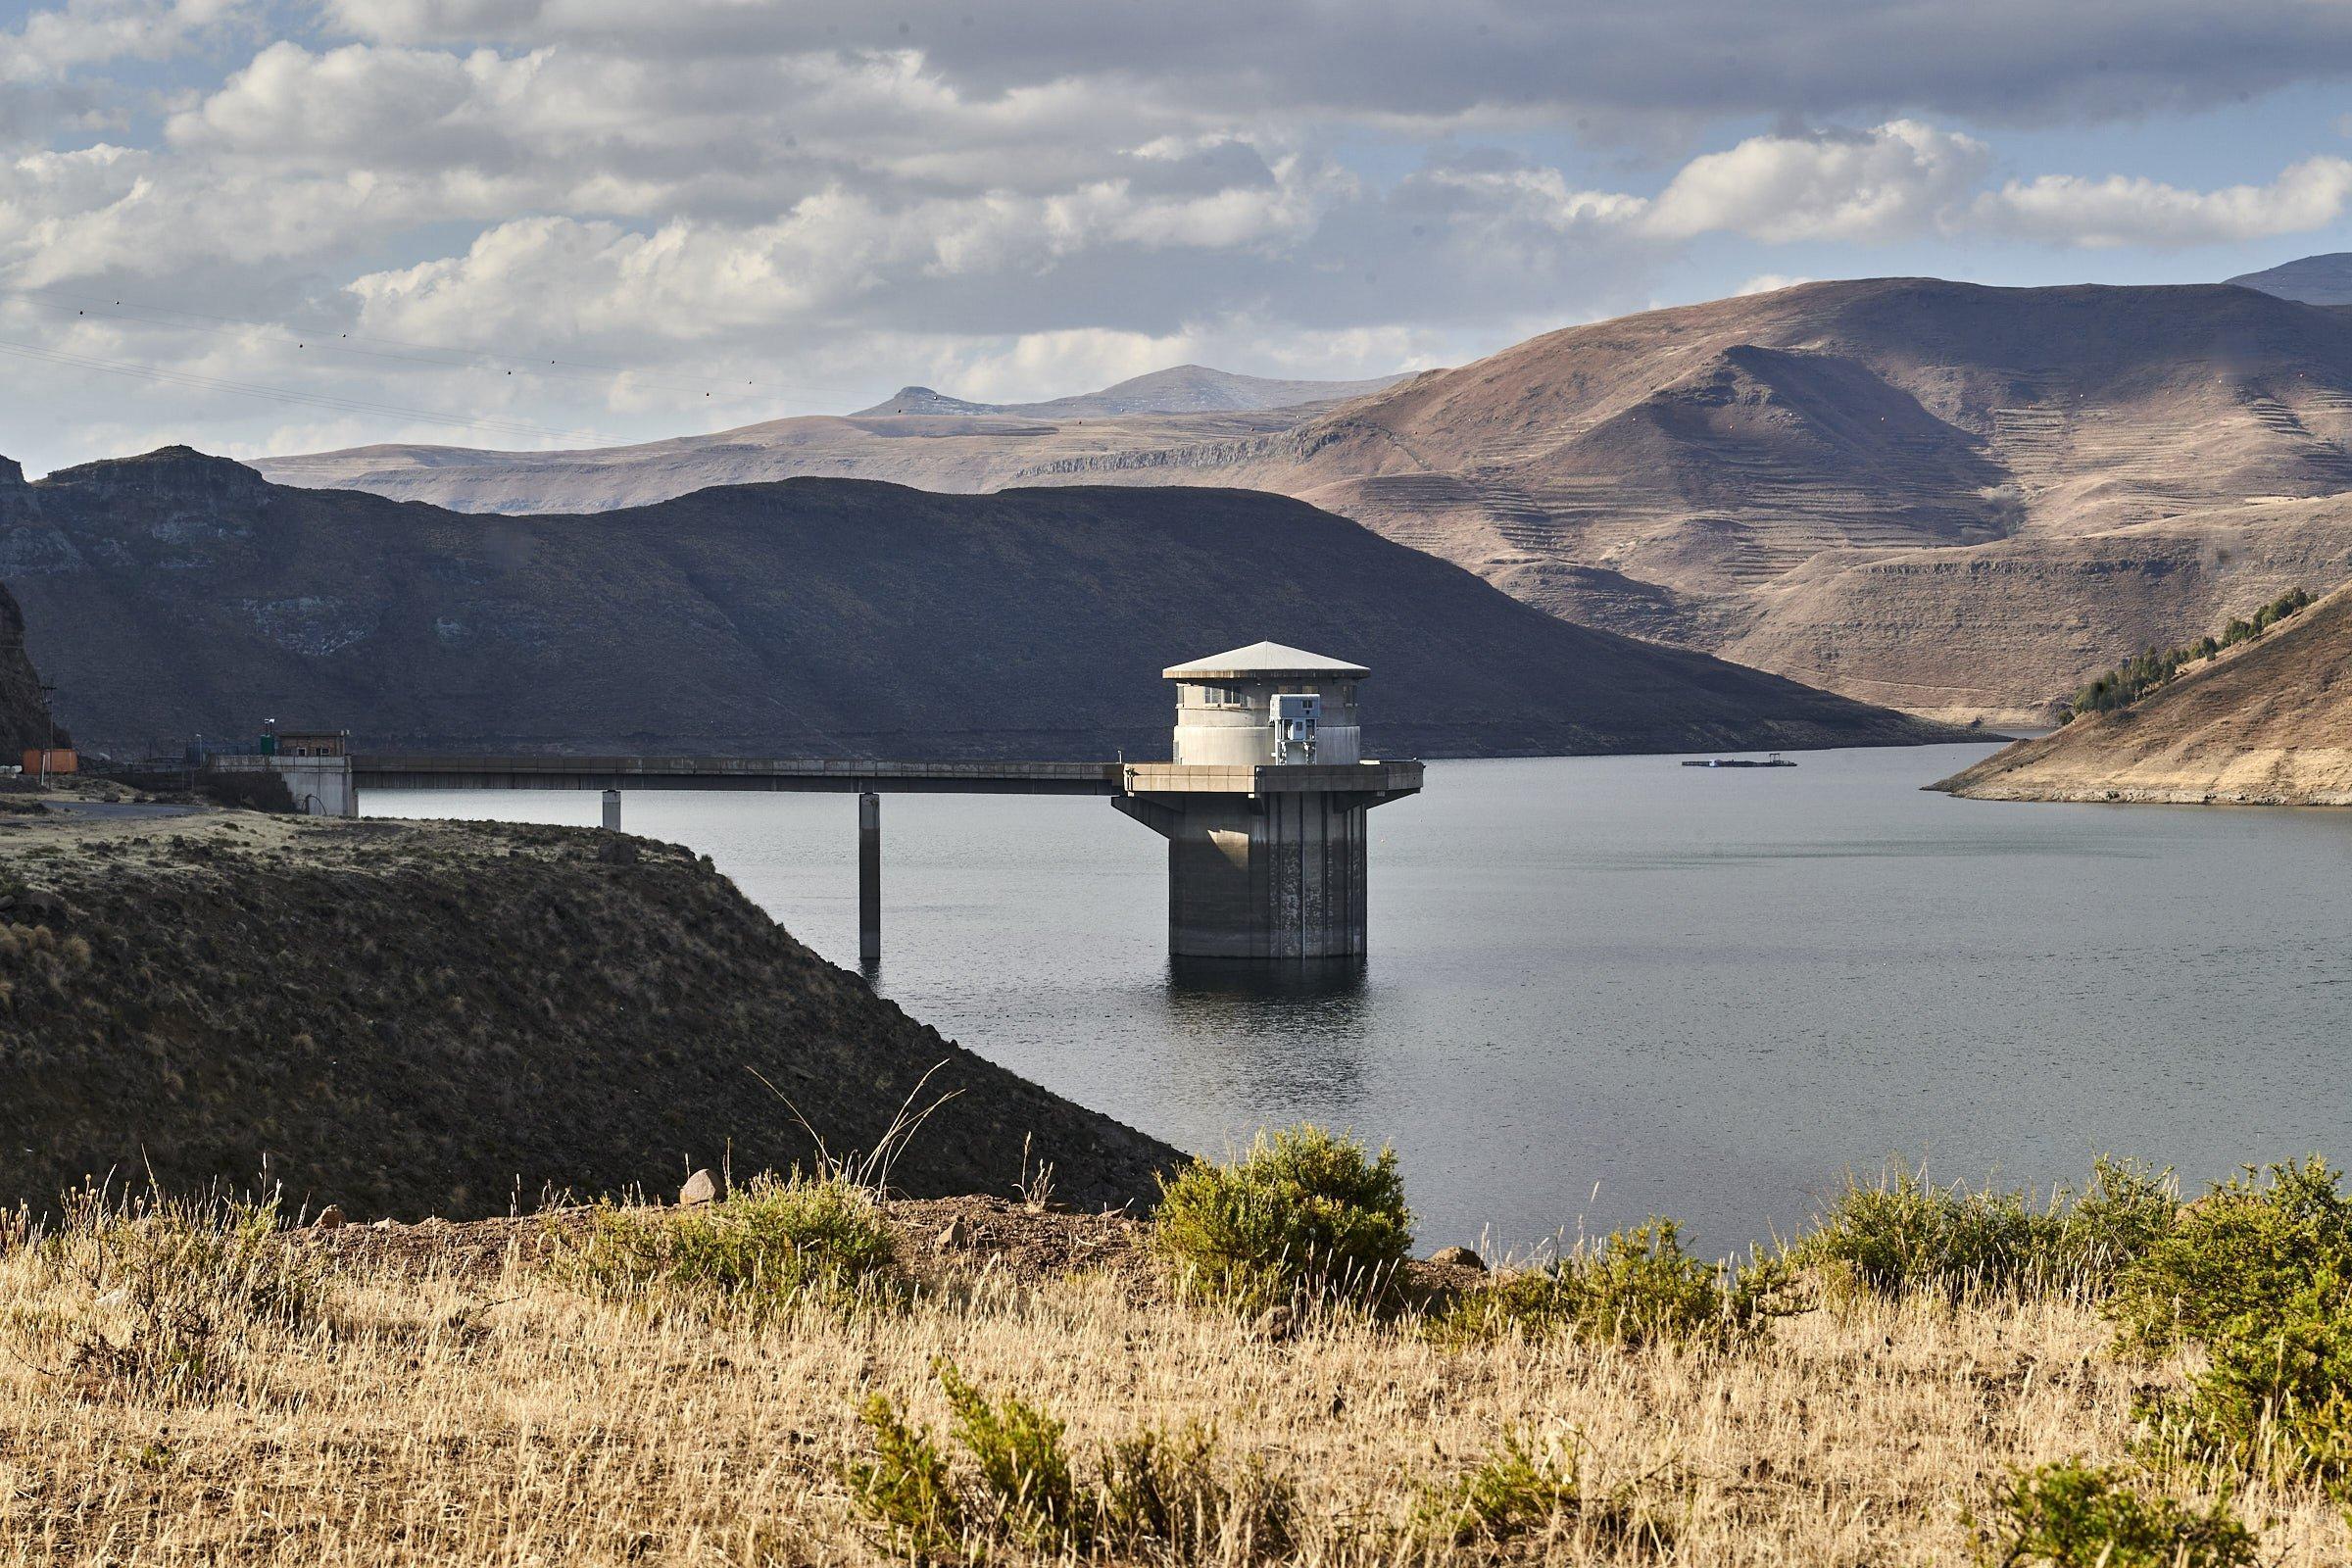 Auf dem Stausee  vor der Bergkulisse ragt ein Betonturm – die Pumpstation